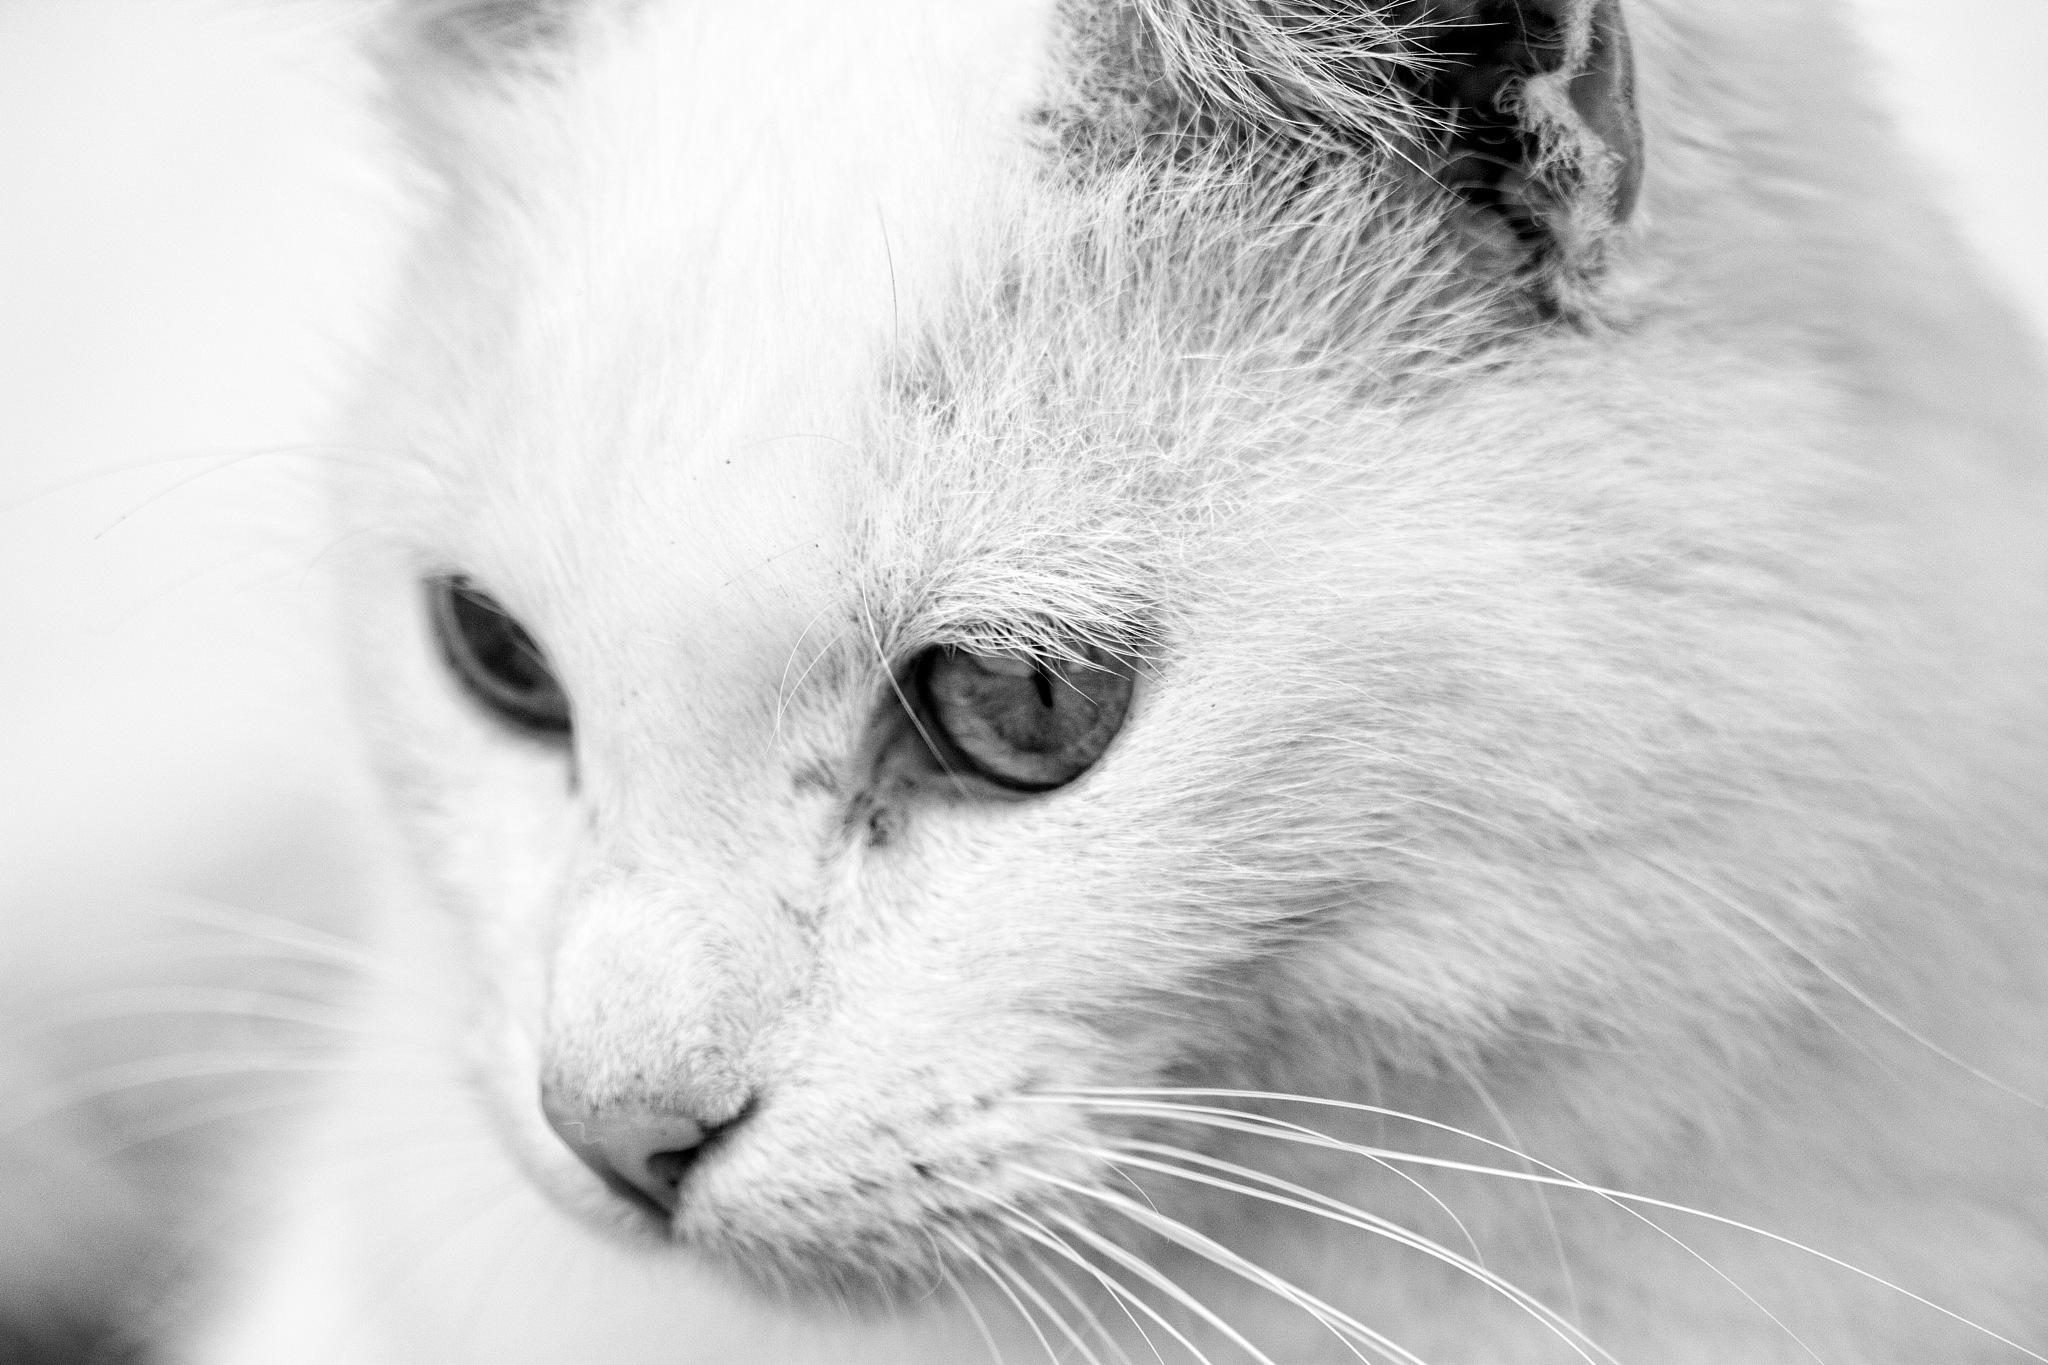 Cat by Marcel